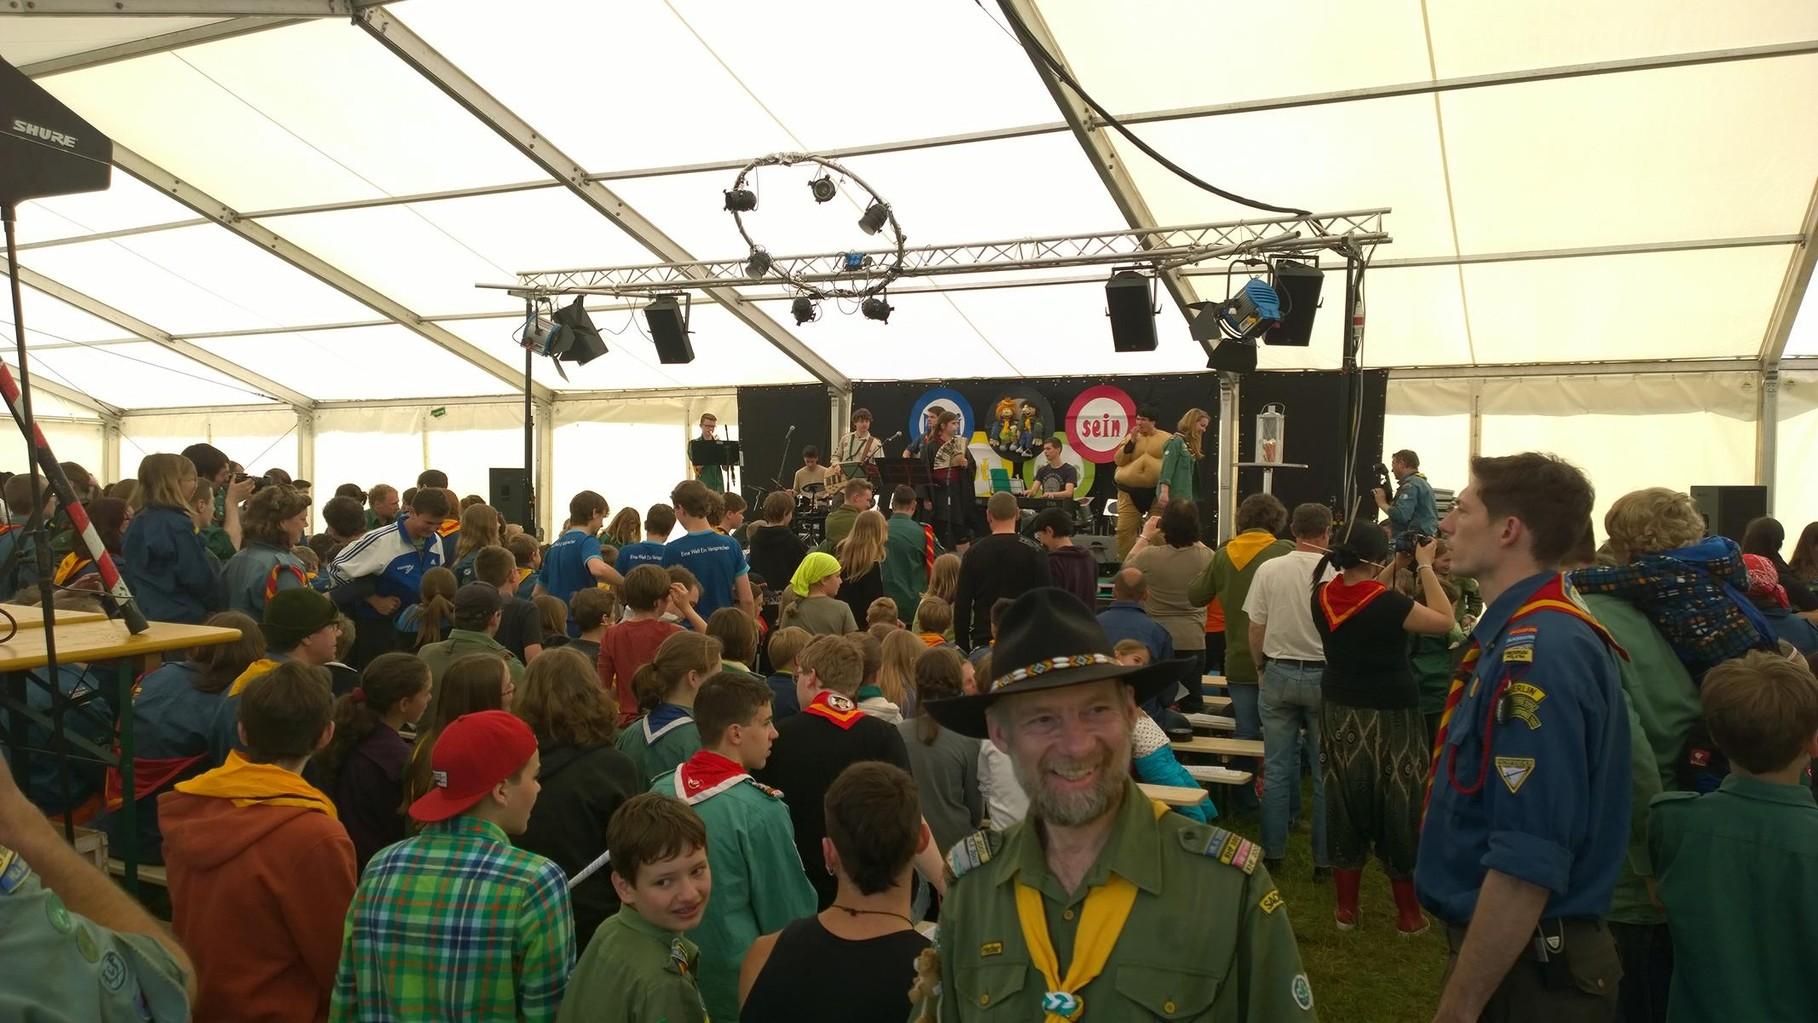 Himmelfahrtslager am Mondsee - Veranstaltung im Großzelt